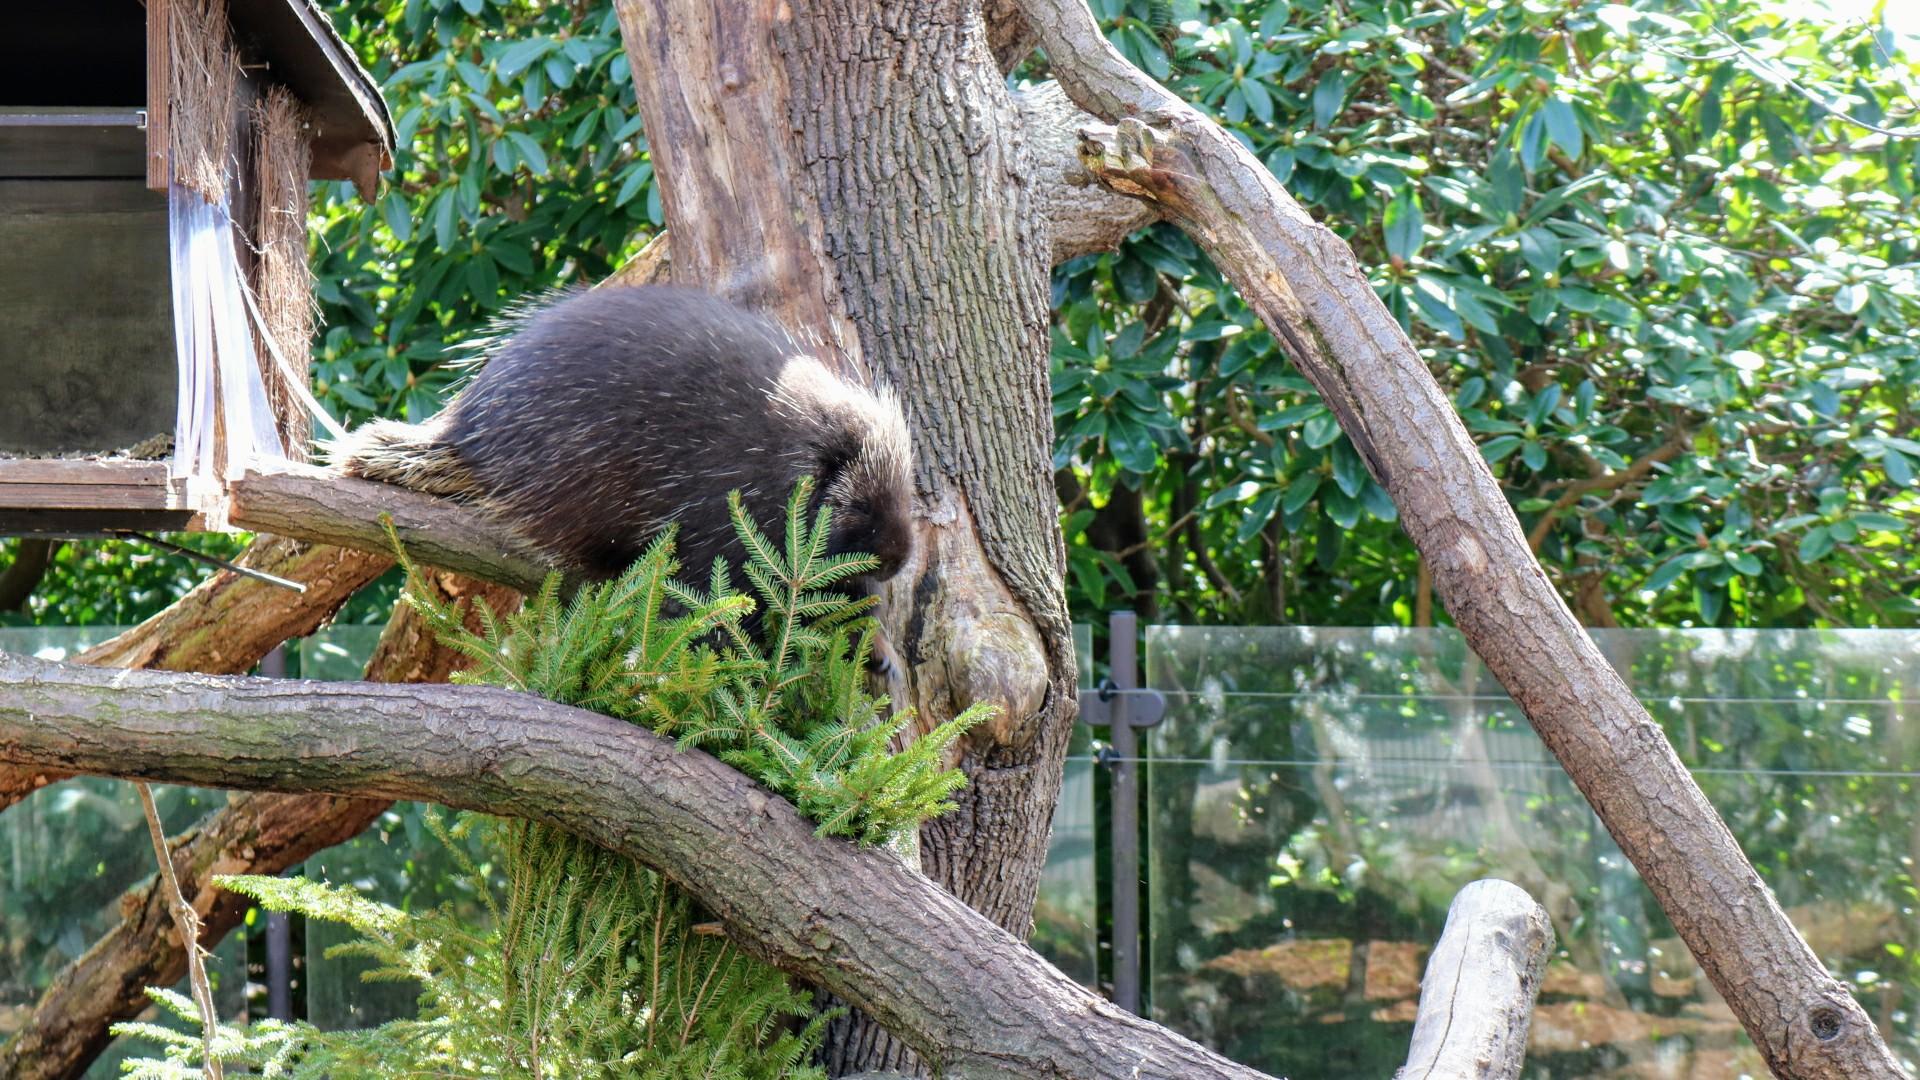 drezno na weekend, zwiedzanie ogród zoologiczny, zoo, zwierzęta, blog o zwierzętach, animalistka.pl